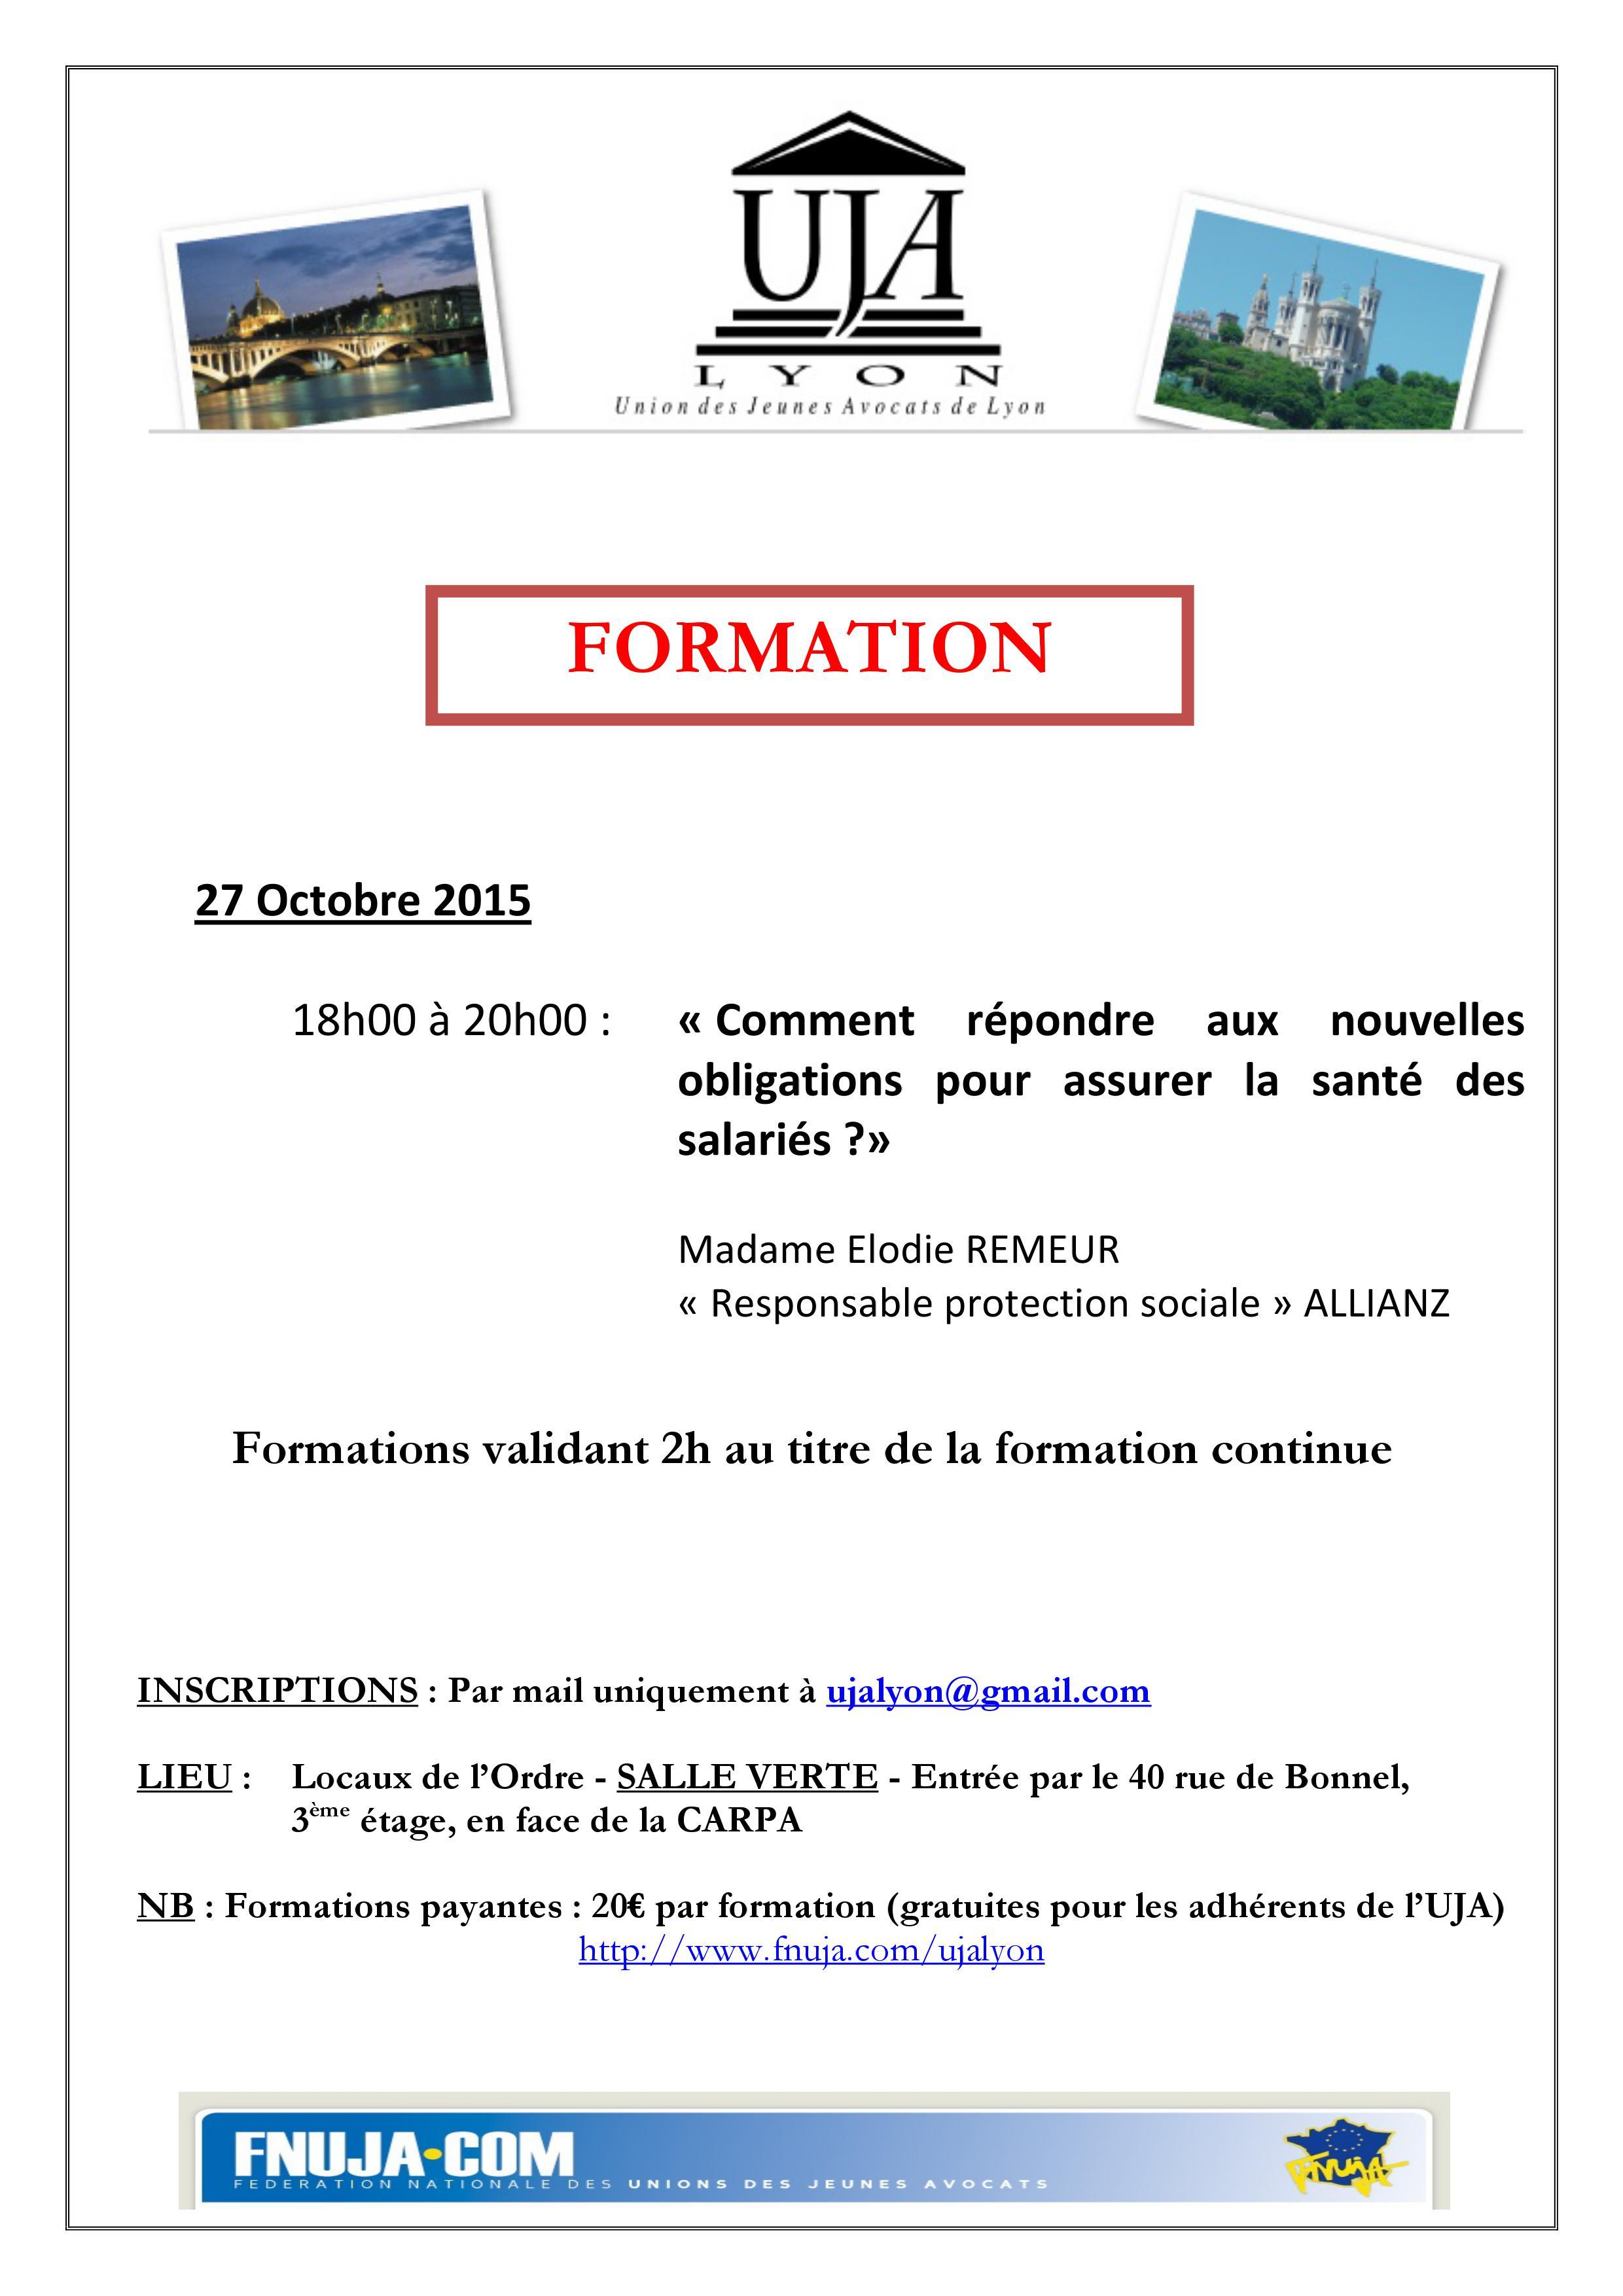 FORMATION 27 OCTOBRE 2015